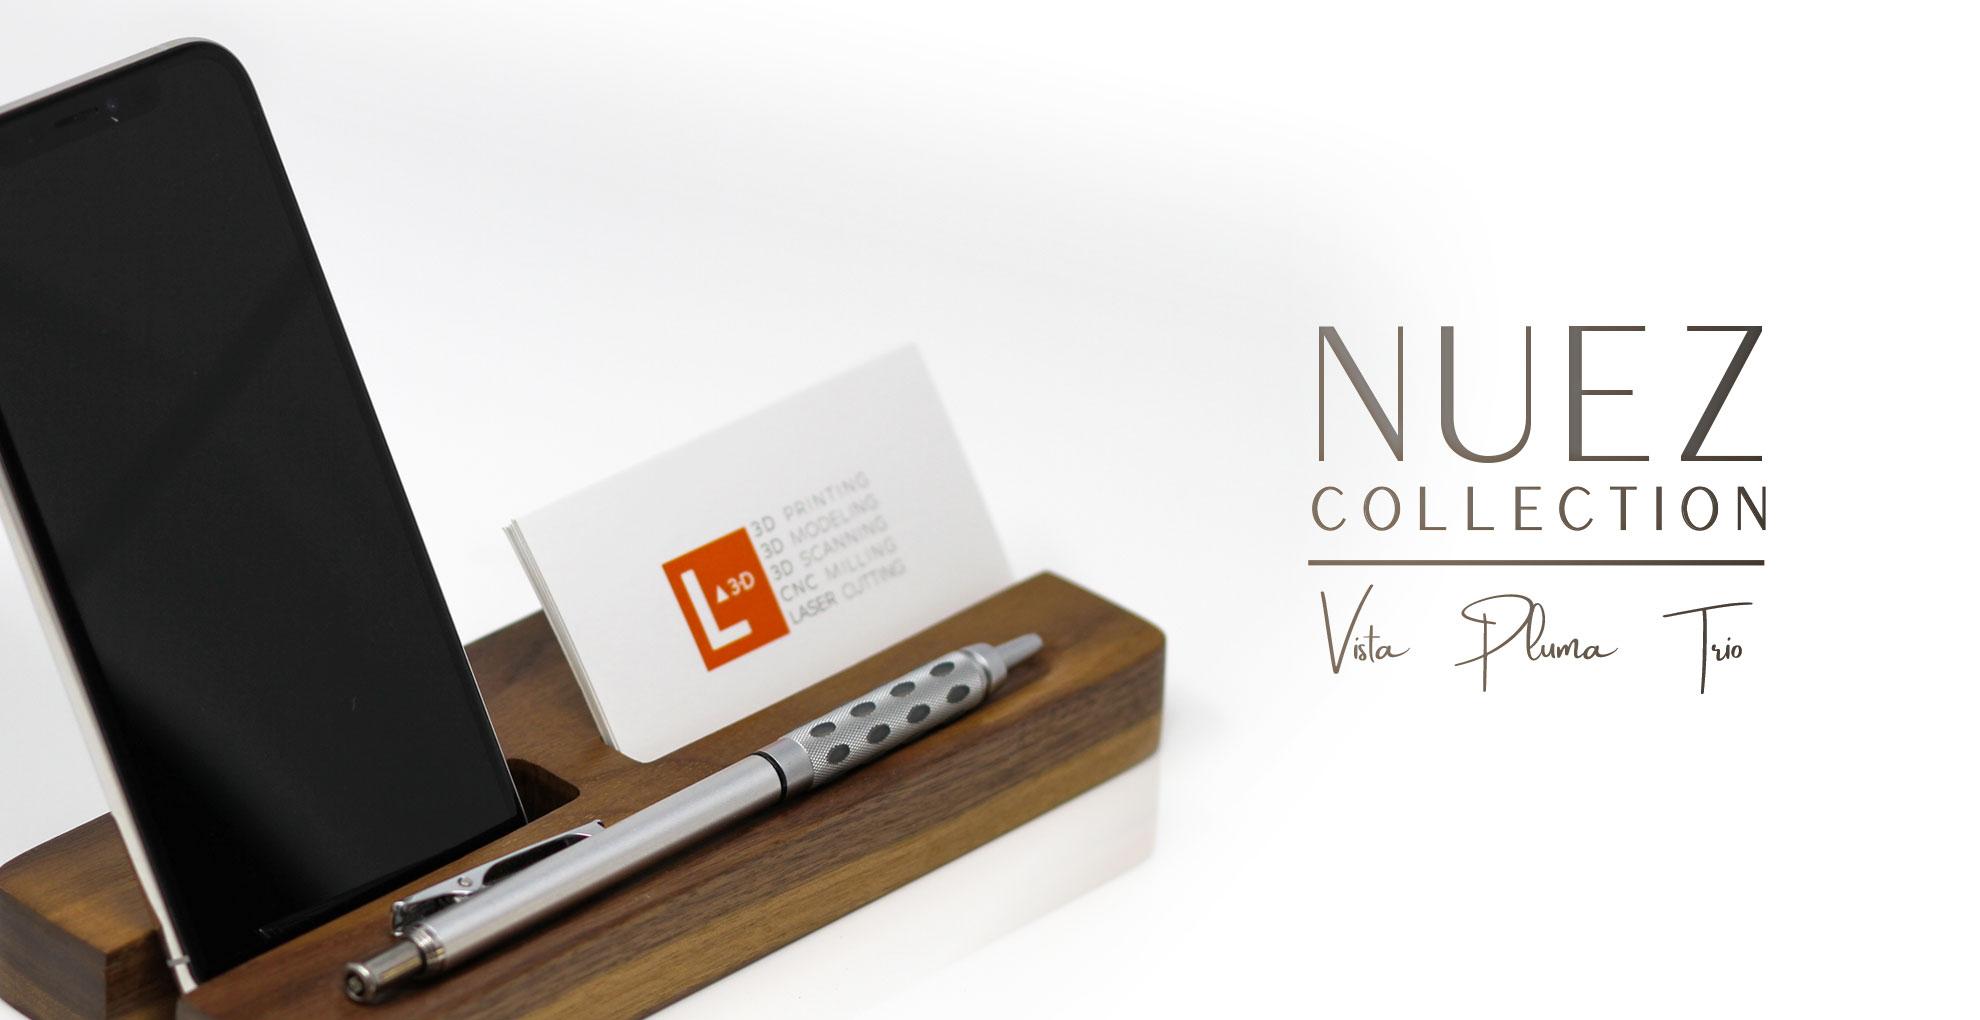 la3d-nuez-office-desktop-collection-4